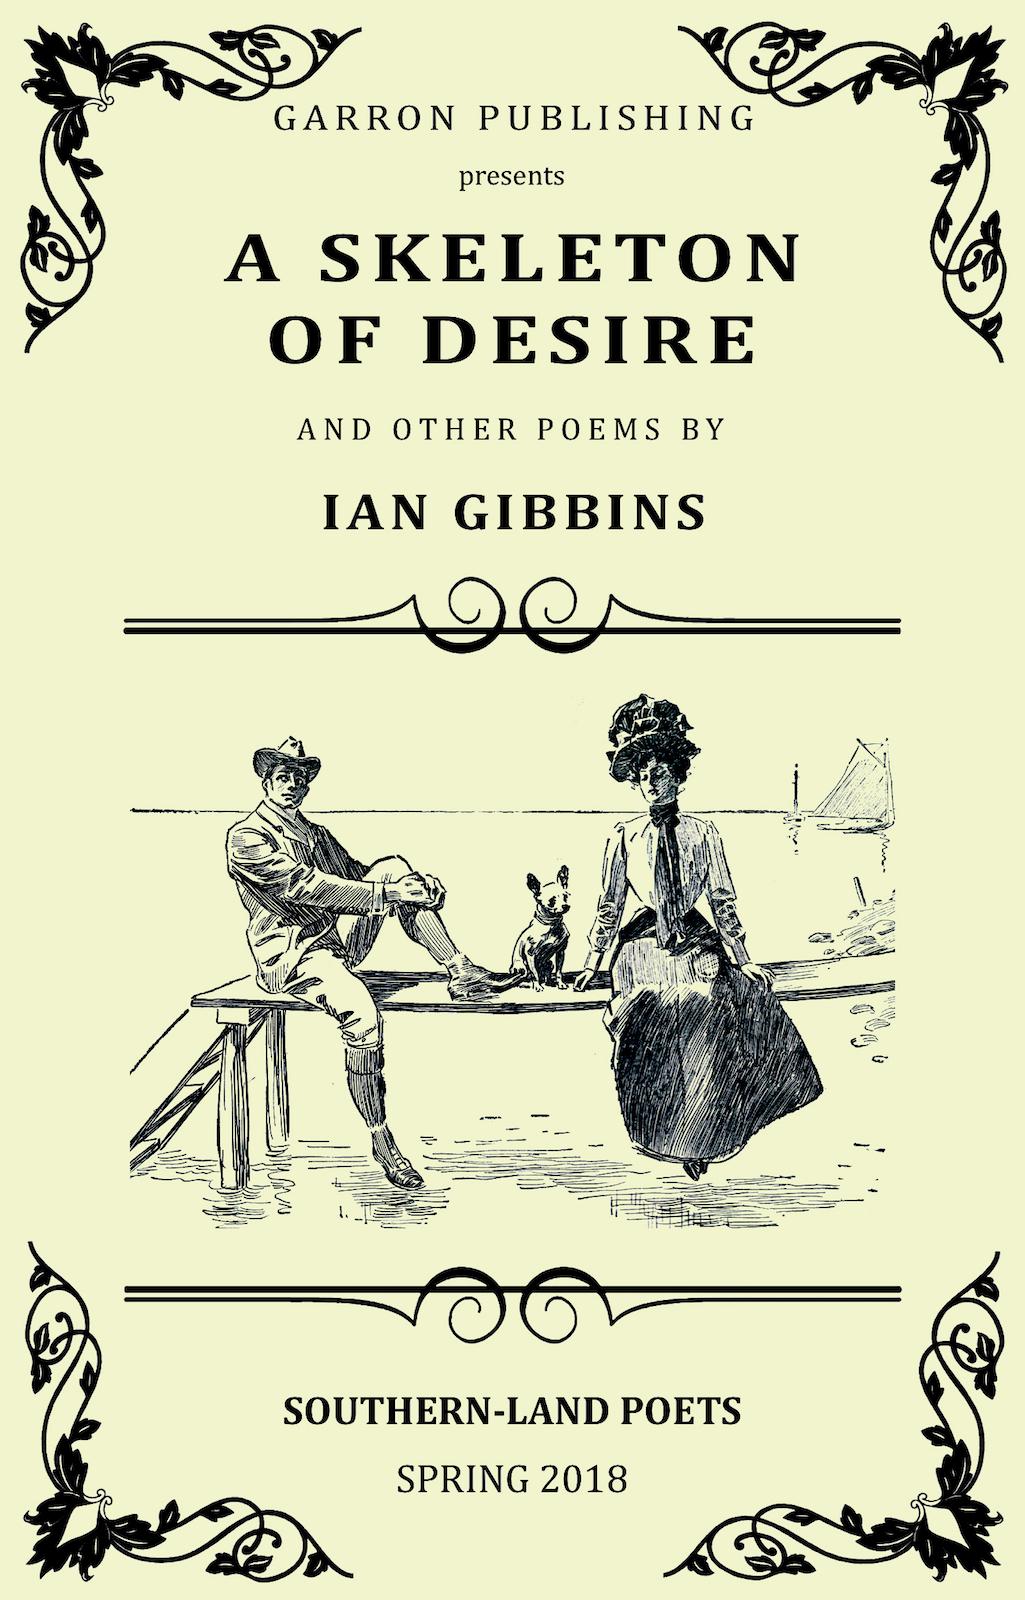 A Skeleton of Desire – Ian Gibbins